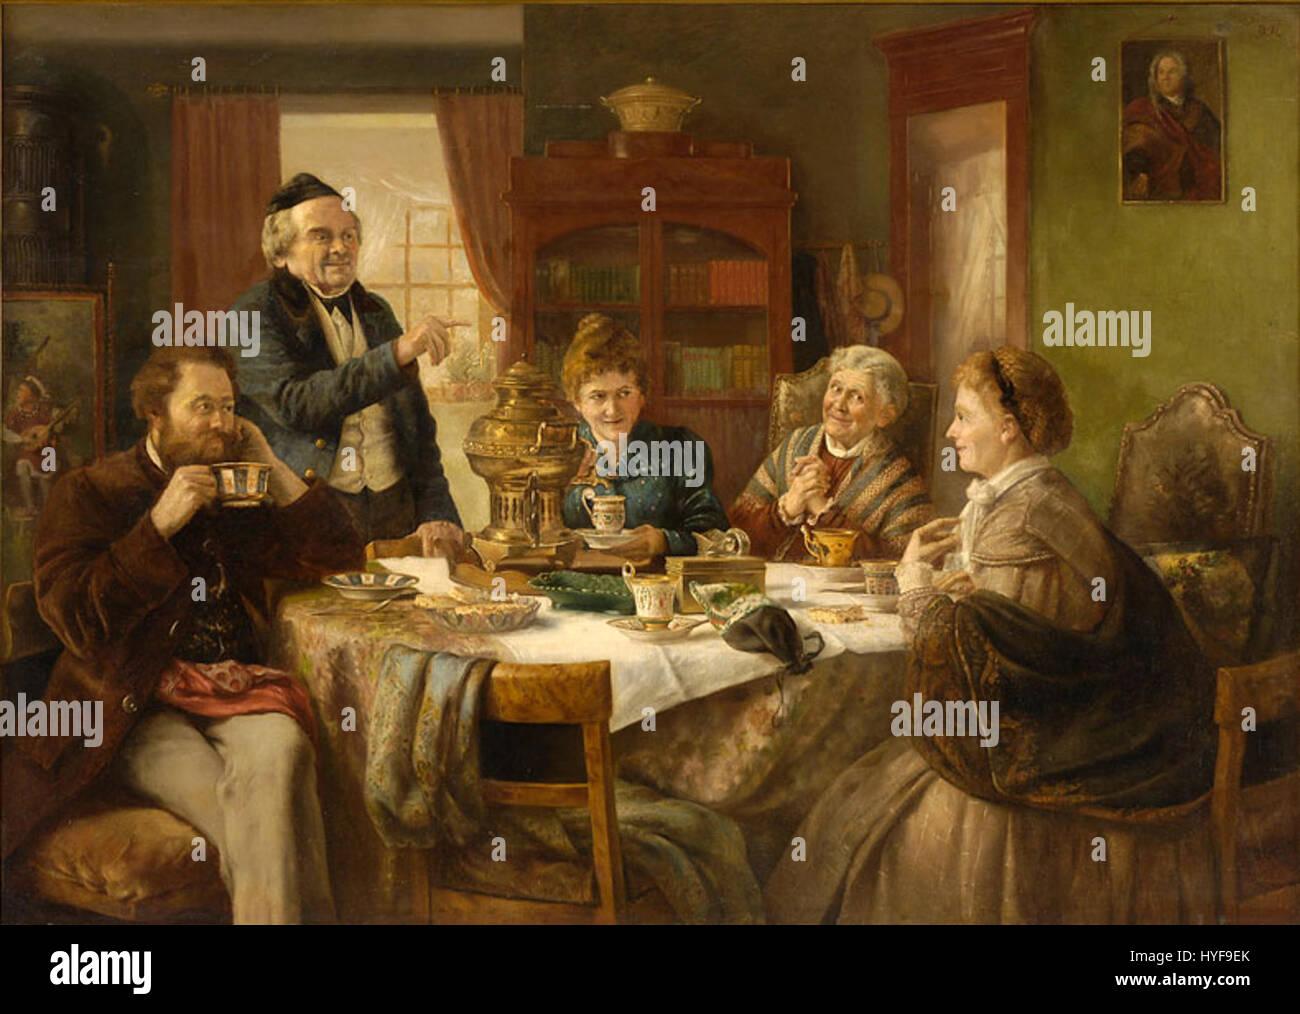 Otto Goldmann Eine gesellige Runde 1887 - Stock Image